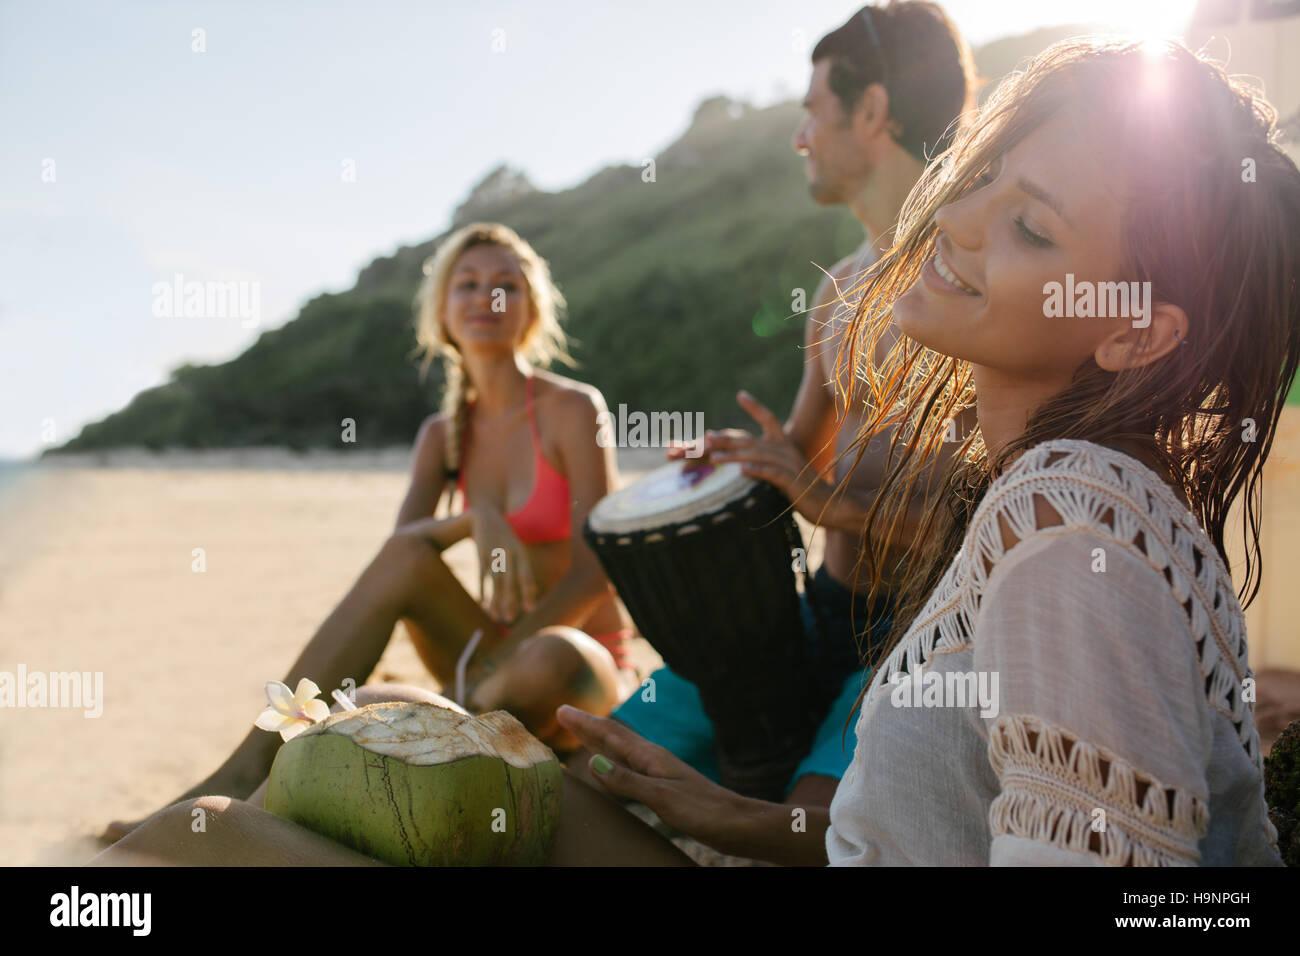 Mujer joven descansando en la orilla del mar con sus amigos en el fondo. Los amigos de fiesta y diversión en Imagen De Stock